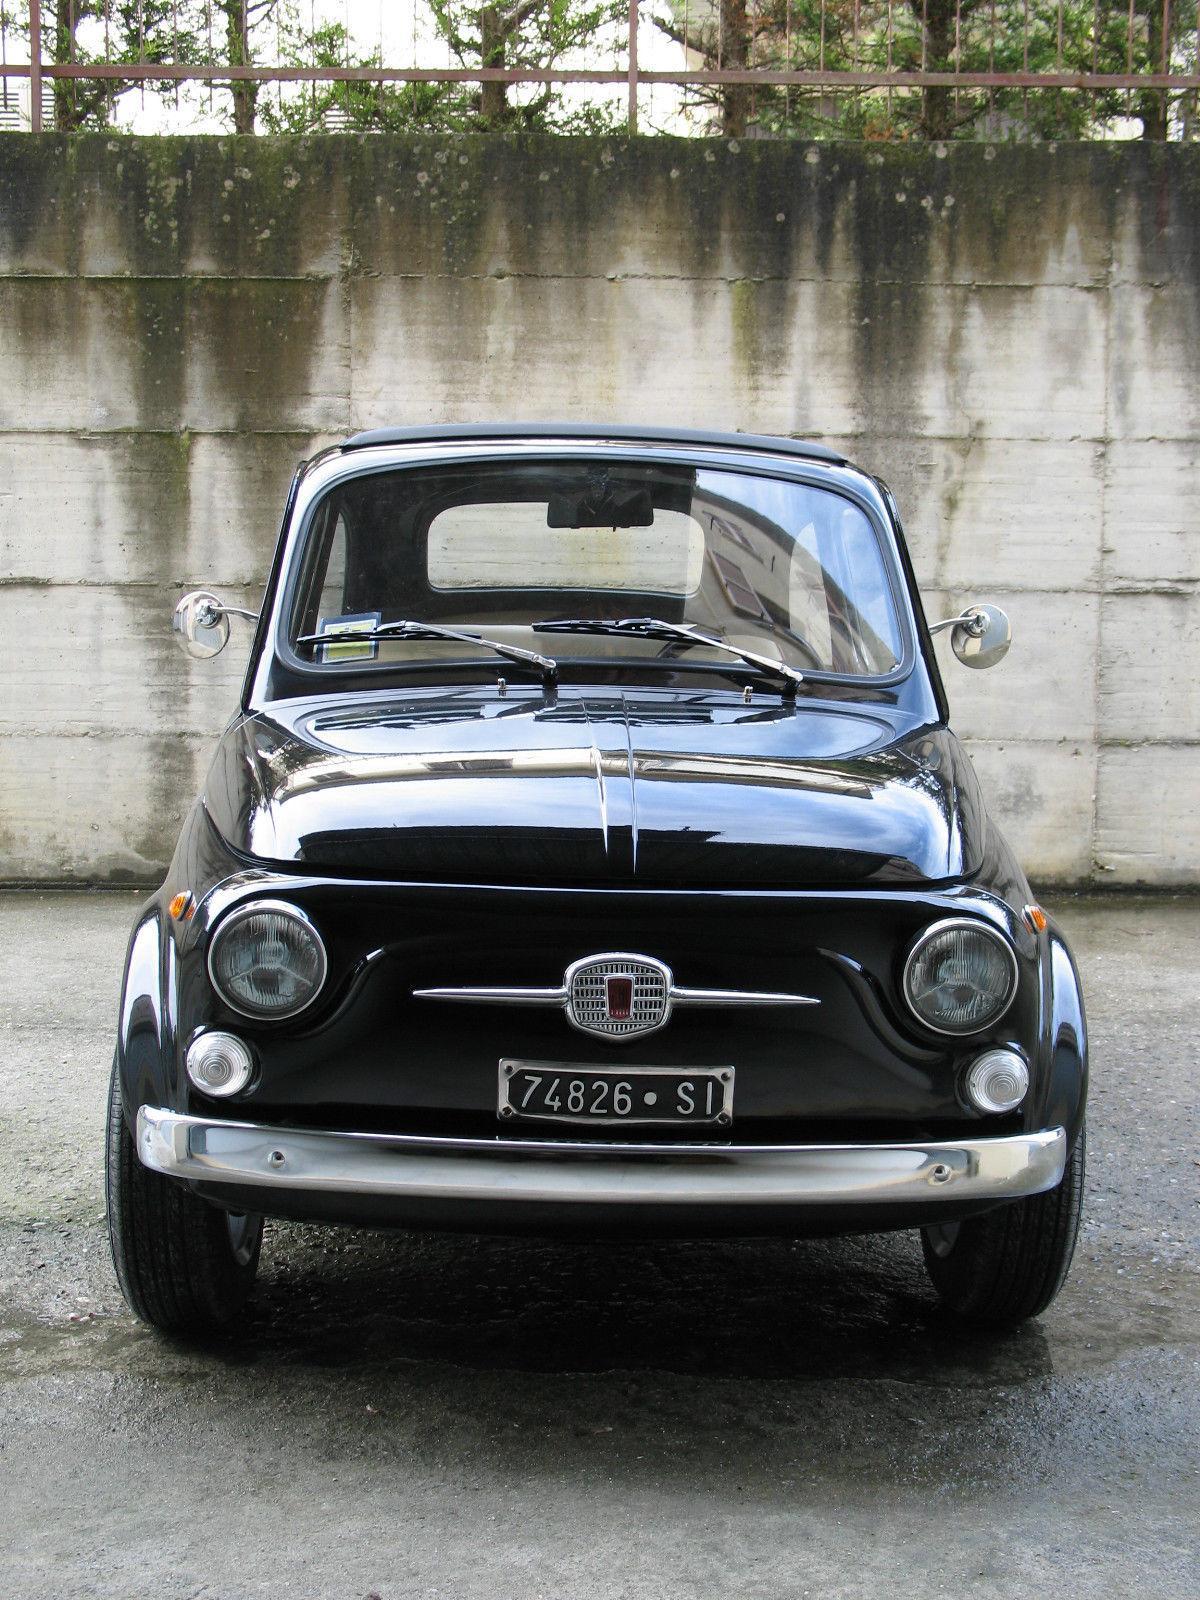 1967 fiat 500 110f model l luxury black for sale. Black Bedroom Furniture Sets. Home Design Ideas